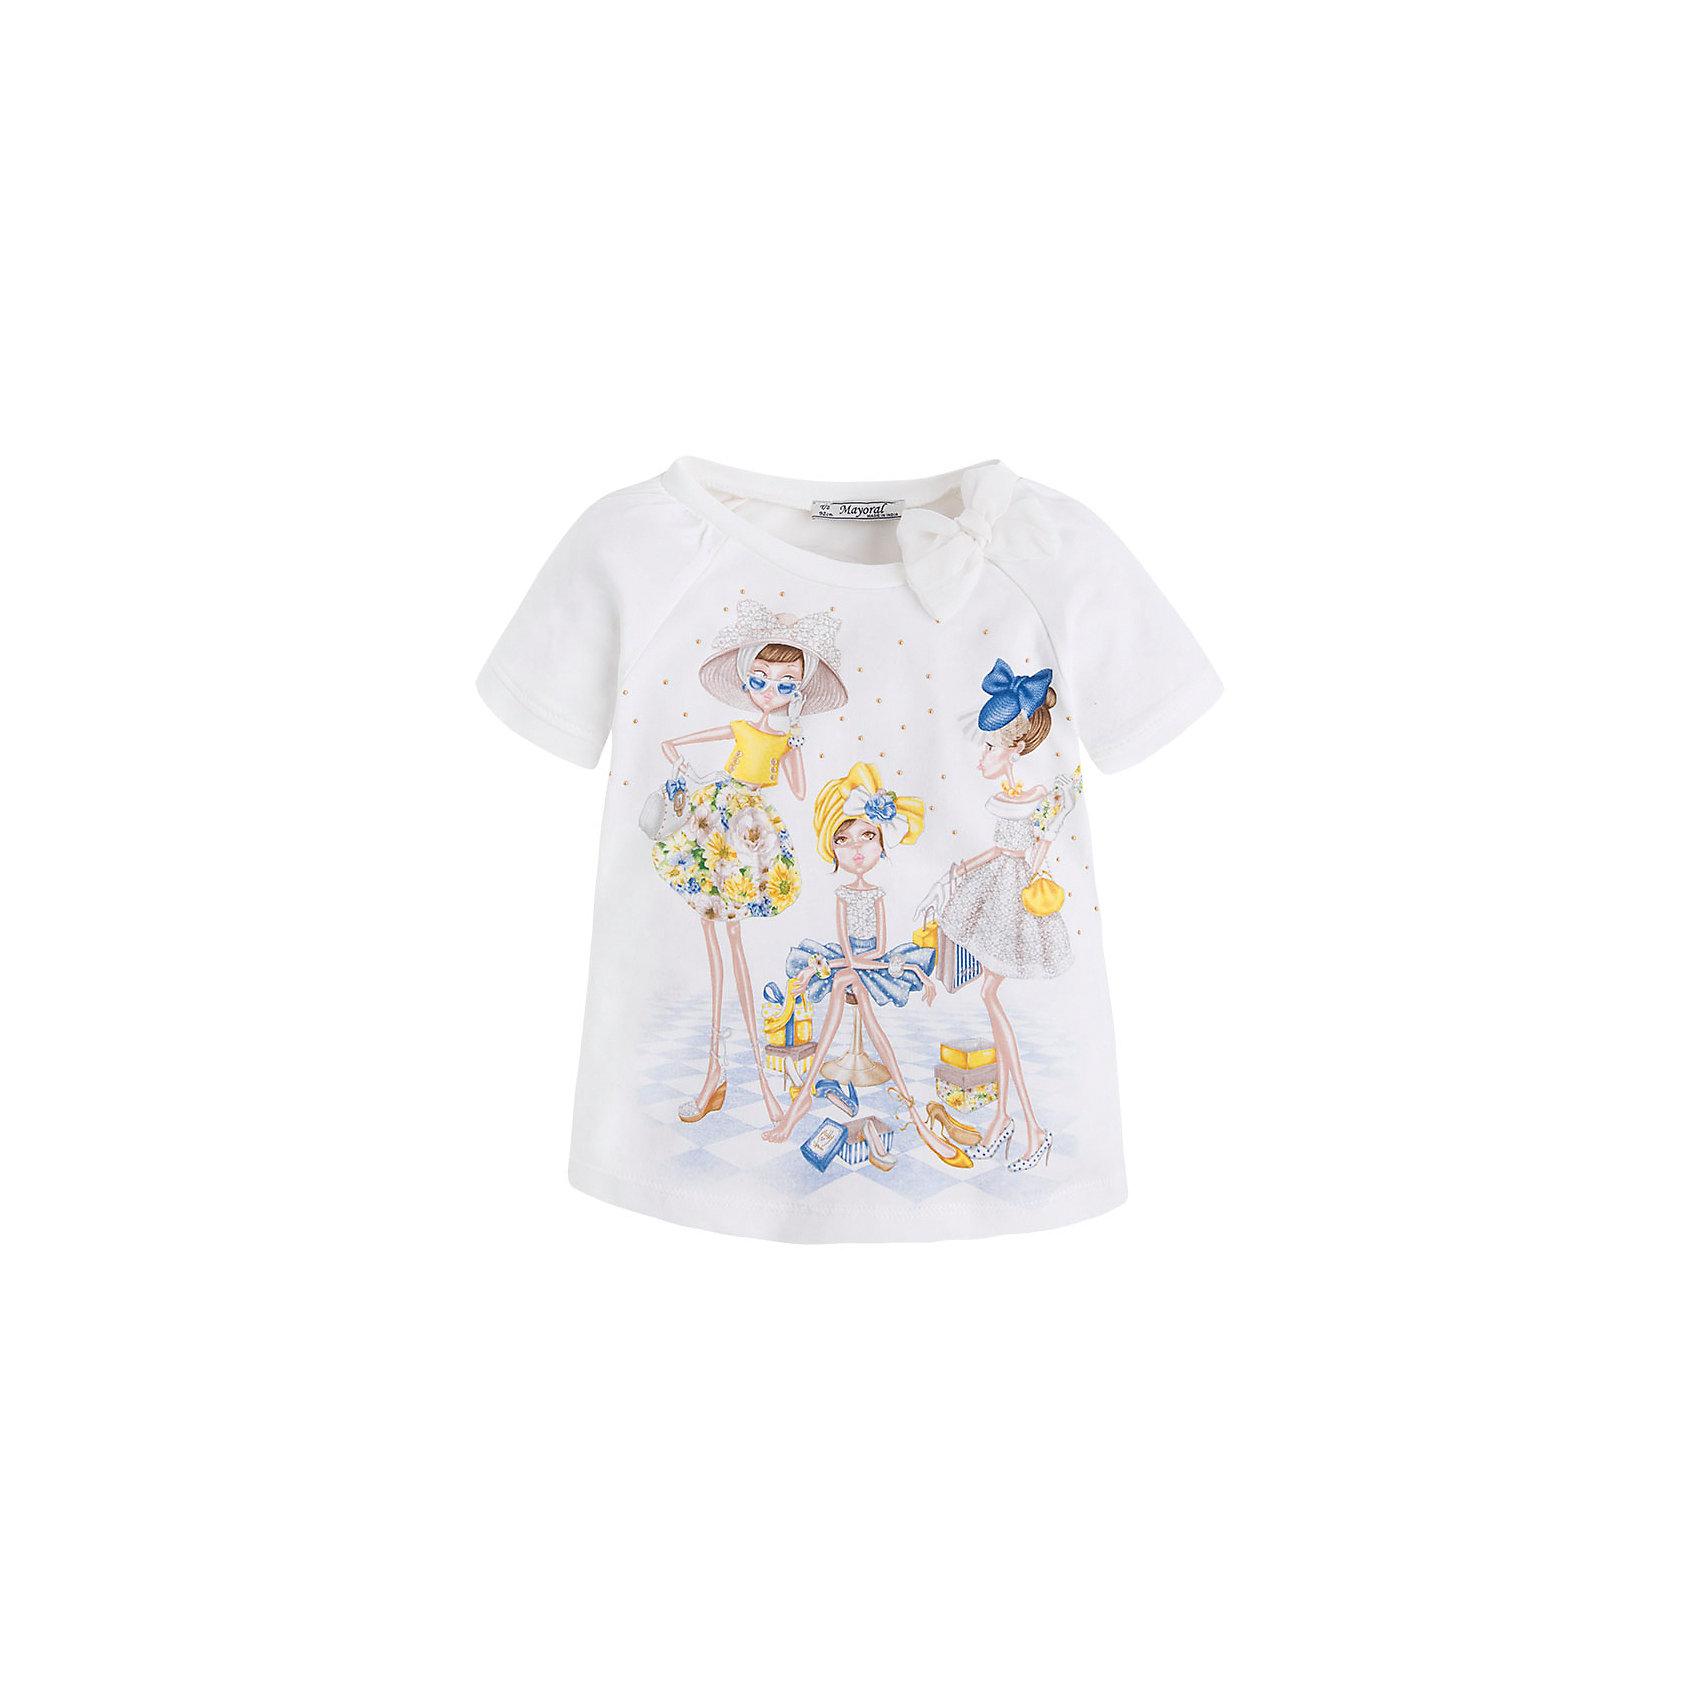 Футболка для девочки MayoralФутболка для девочки от известной испанской марки Mayoral <br><br>Очень красивая  футболка от Mayoral - отличный вариант летней одежды для девочек! Выглядит нарядно и оригинально. Модель выполнена из качественных материалов, отлично сидит по фигуре.<br><br>Особенности модели:<br><br>- цвет: белый;<br>- рукава короткие, реглан, со сборками;<br>- украшена принтом и стразами;<br>- эластичный материал.<br><br>Дополнительная информация:<br><br>Состав: 92% хлопок, 8% эластан<br><br>Футболку для девочки Mayoral (Майорал) можно купить в нашем магазине.<br><br>Ширина мм: 199<br>Глубина мм: 10<br>Высота мм: 161<br>Вес г: 151<br>Цвет: желтый<br>Возраст от месяцев: 60<br>Возраст до месяцев: 72<br>Пол: Женский<br>Возраст: Детский<br>Размер: 116,110,134,128,122,98,92,104<br>SKU: 4541510